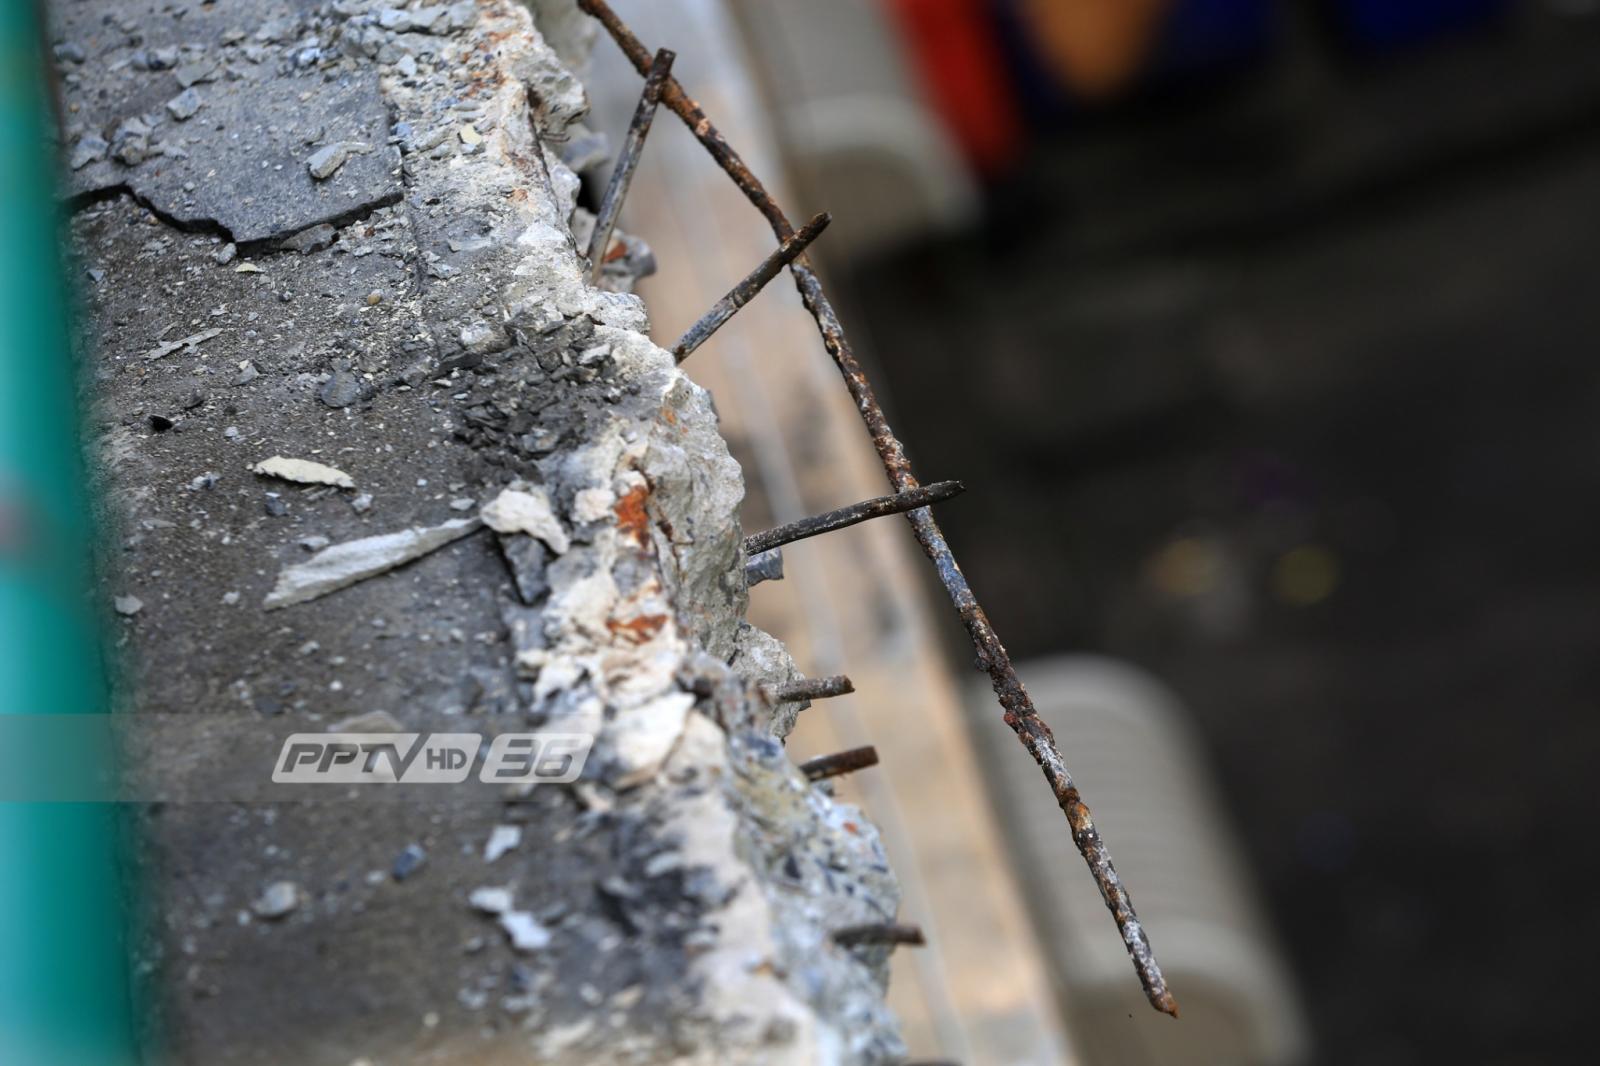 สภาวิศวกร ชี้ไทยควรออก กม.ควบคุมการก่อสร้างอาคารจอดรถ